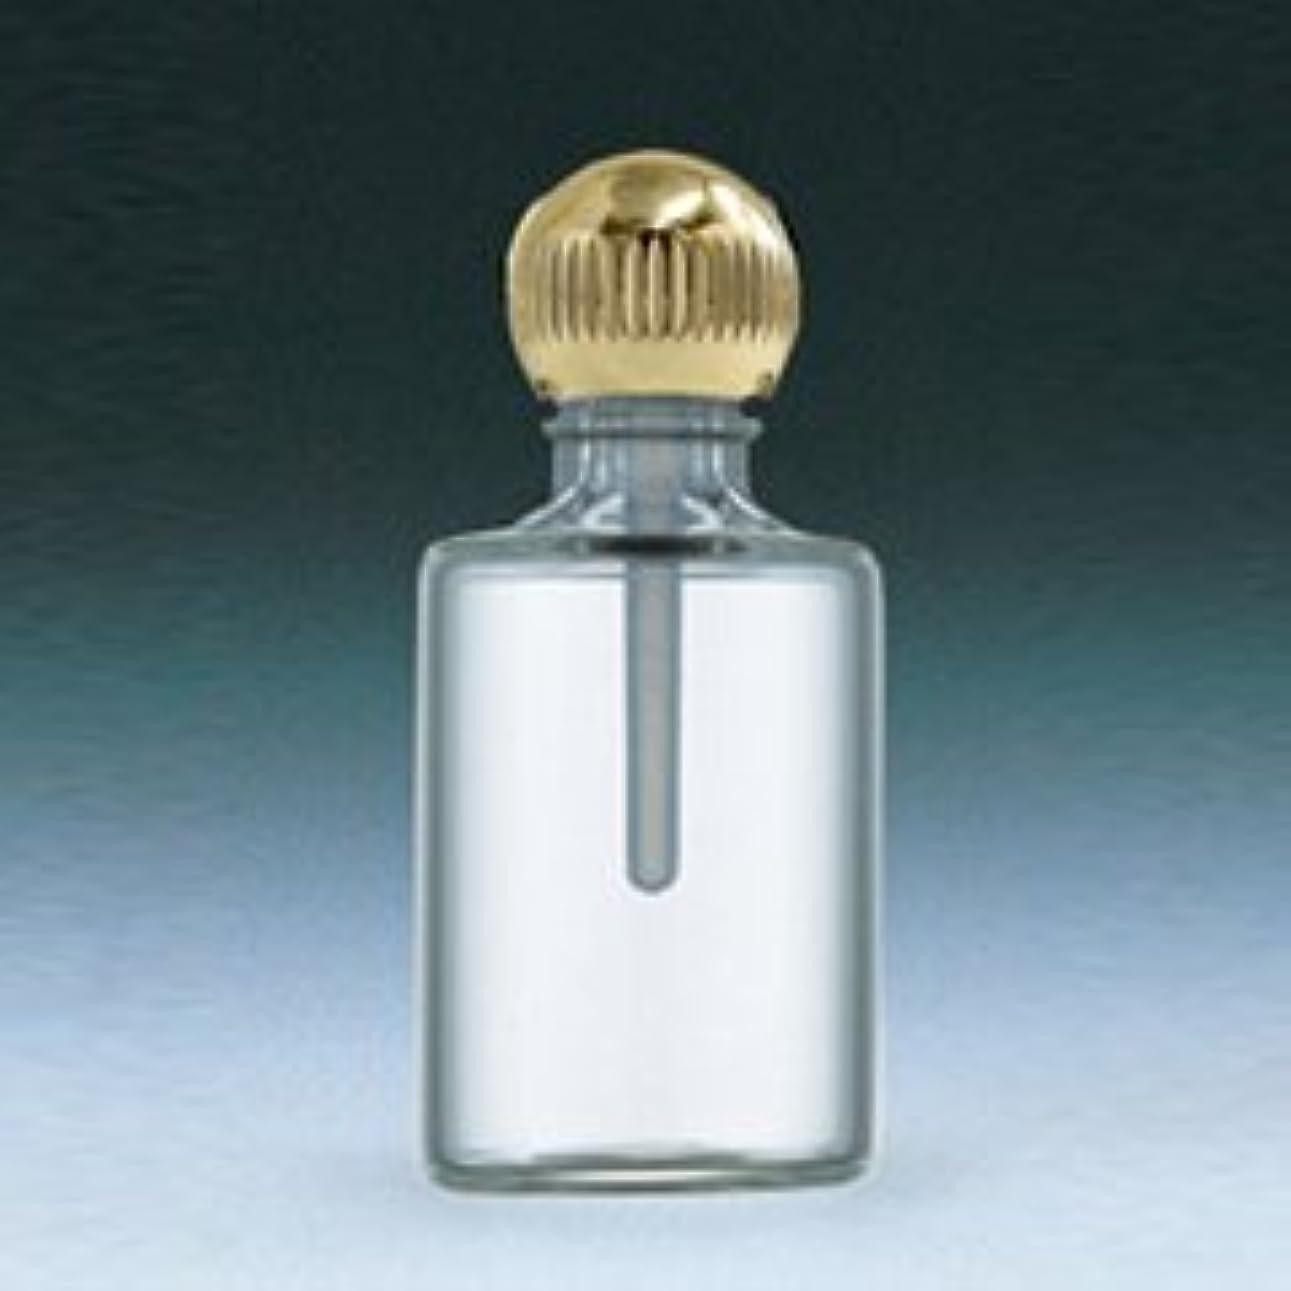 メイド衝突有用【ヤマダアトマイザー】パフュームボトル 小ビン 60620 円筒 クリア ゴールド 約4.5ml